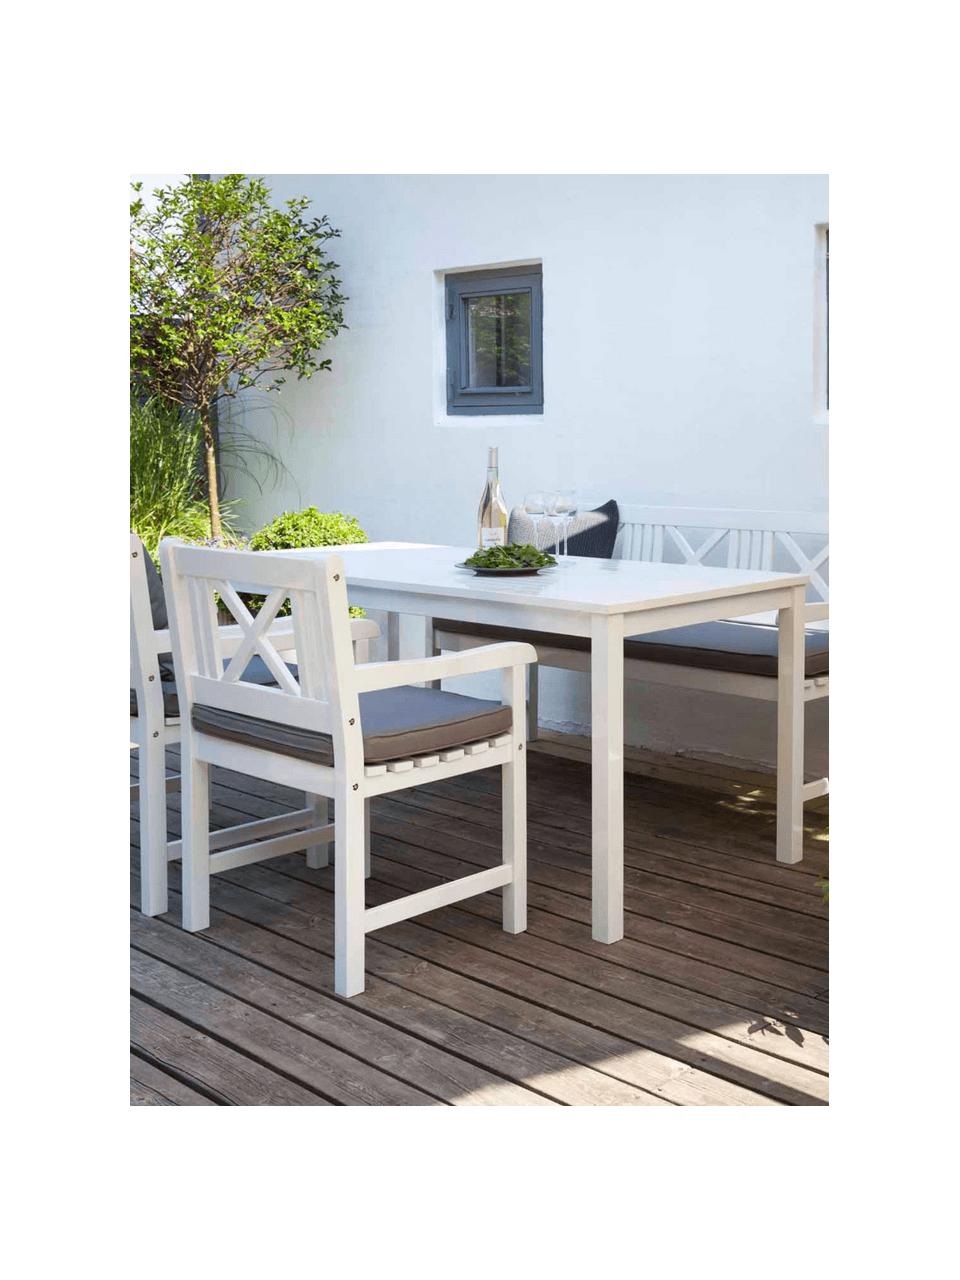 Stół ogrodowy z drewna  Rosenborg, Drewno mahoniowe, lakierowane, Biały, 165 x 75 cm